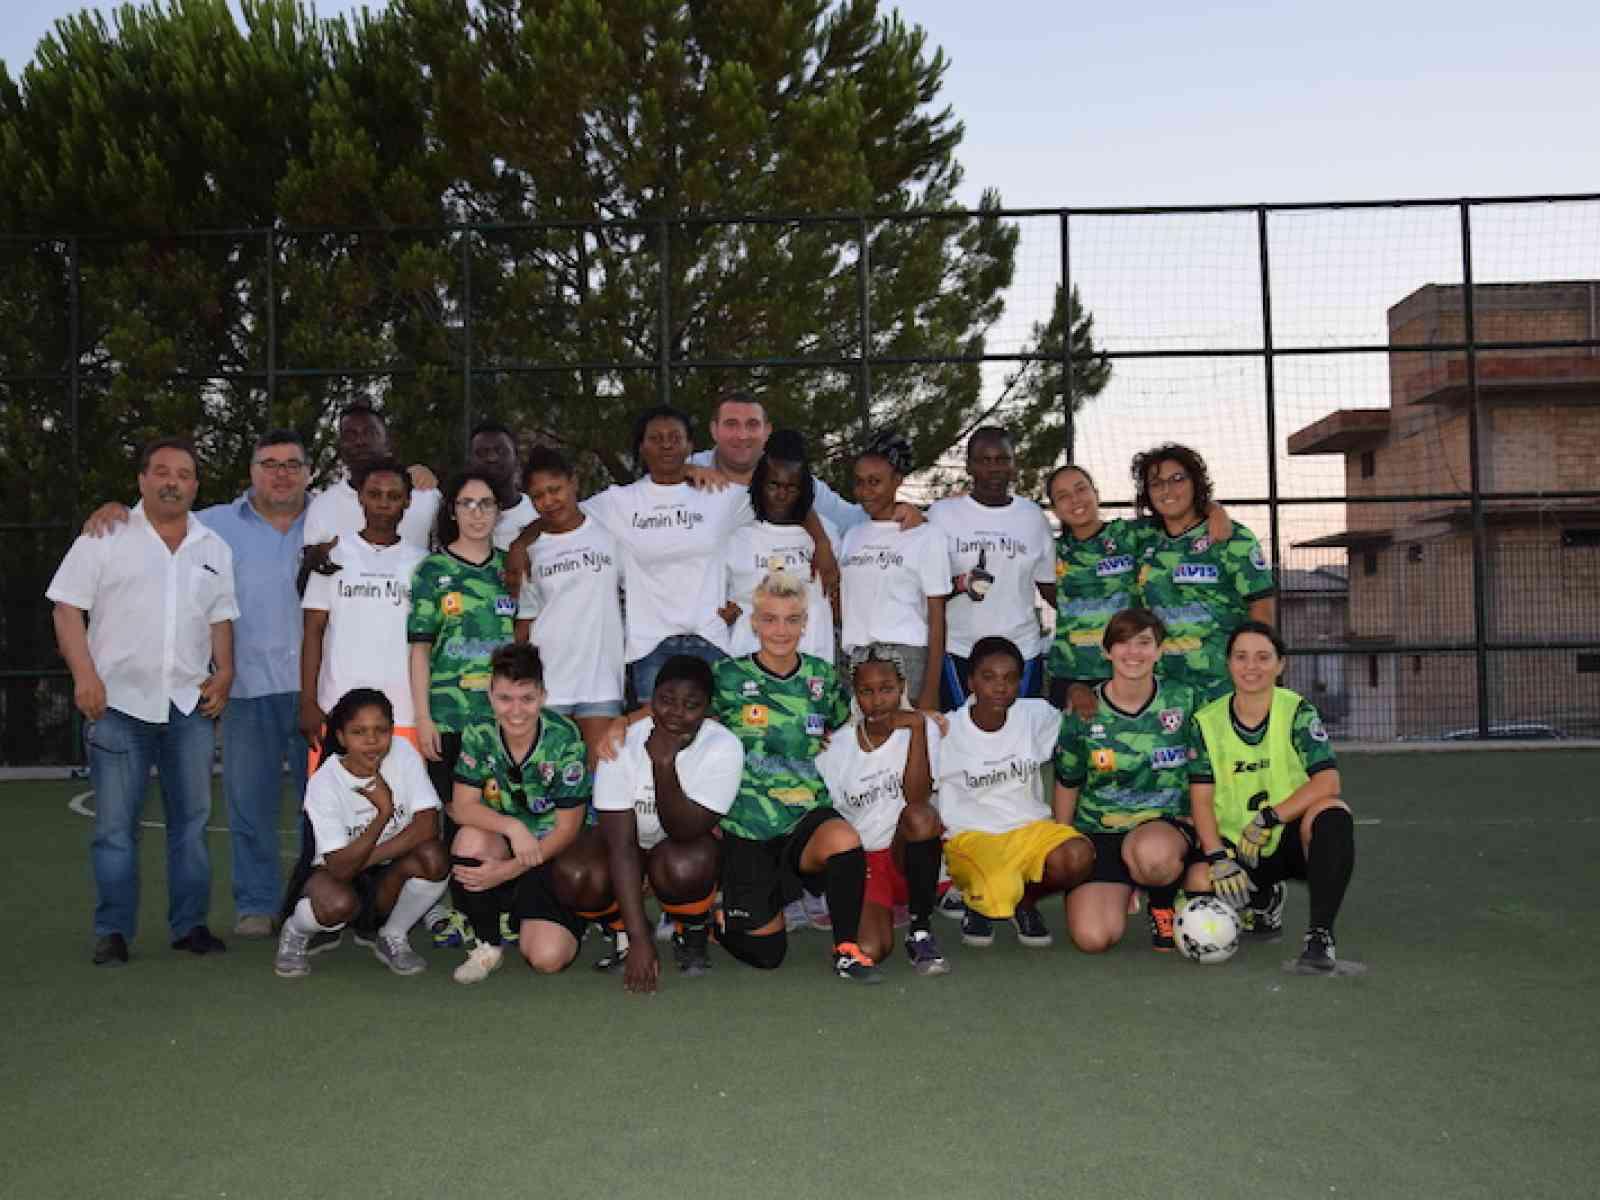 Salaparuta. Il torneo estivo di calcio a 5 è all'insegna della solidarietà, dell'accoglienza e dell'integrazione